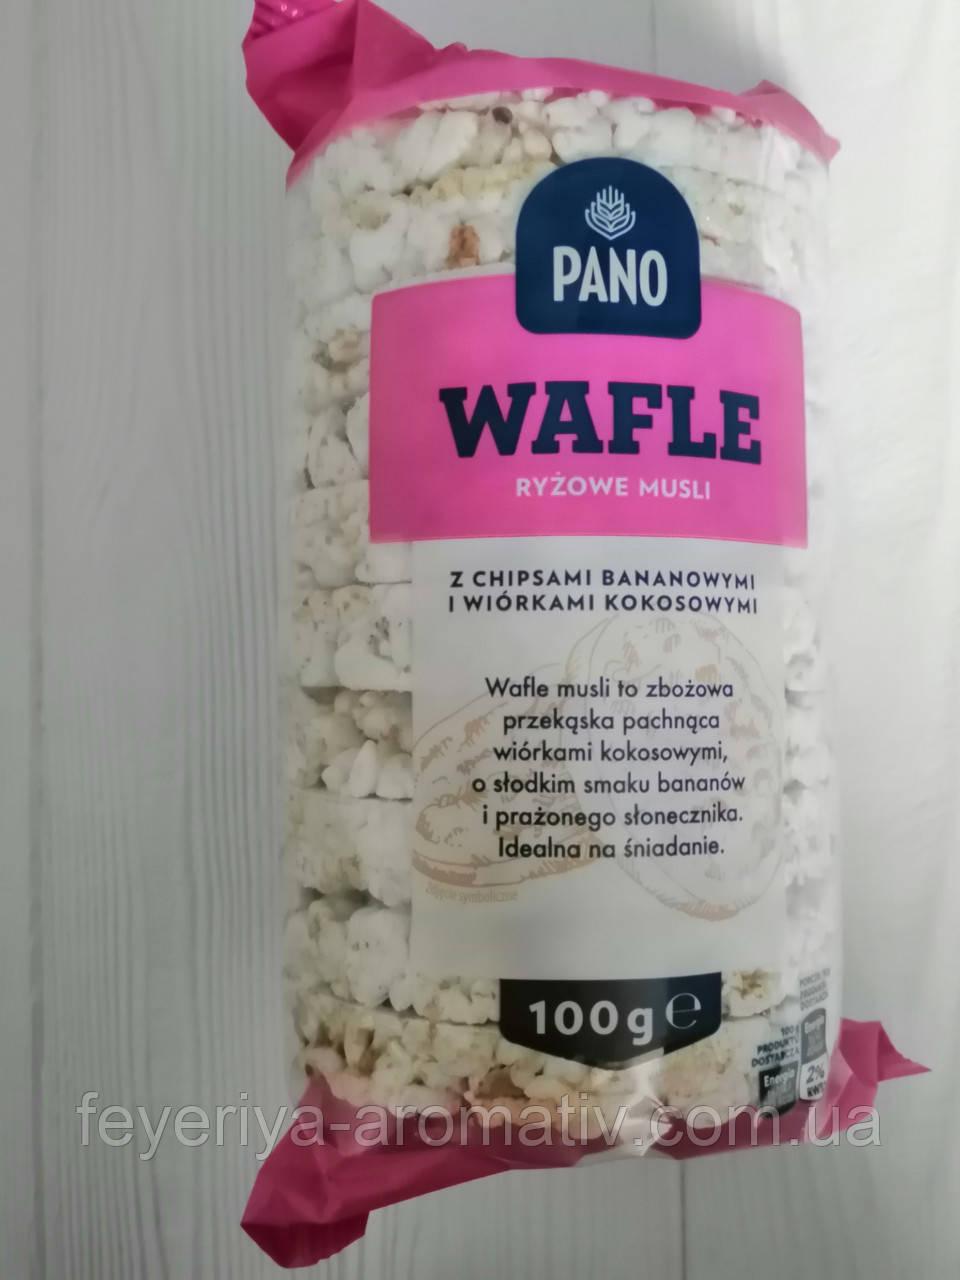 Хлебцы с банановыми чипсами и кокосовыми хлопьями Pano Wafle 100гр (Польша)